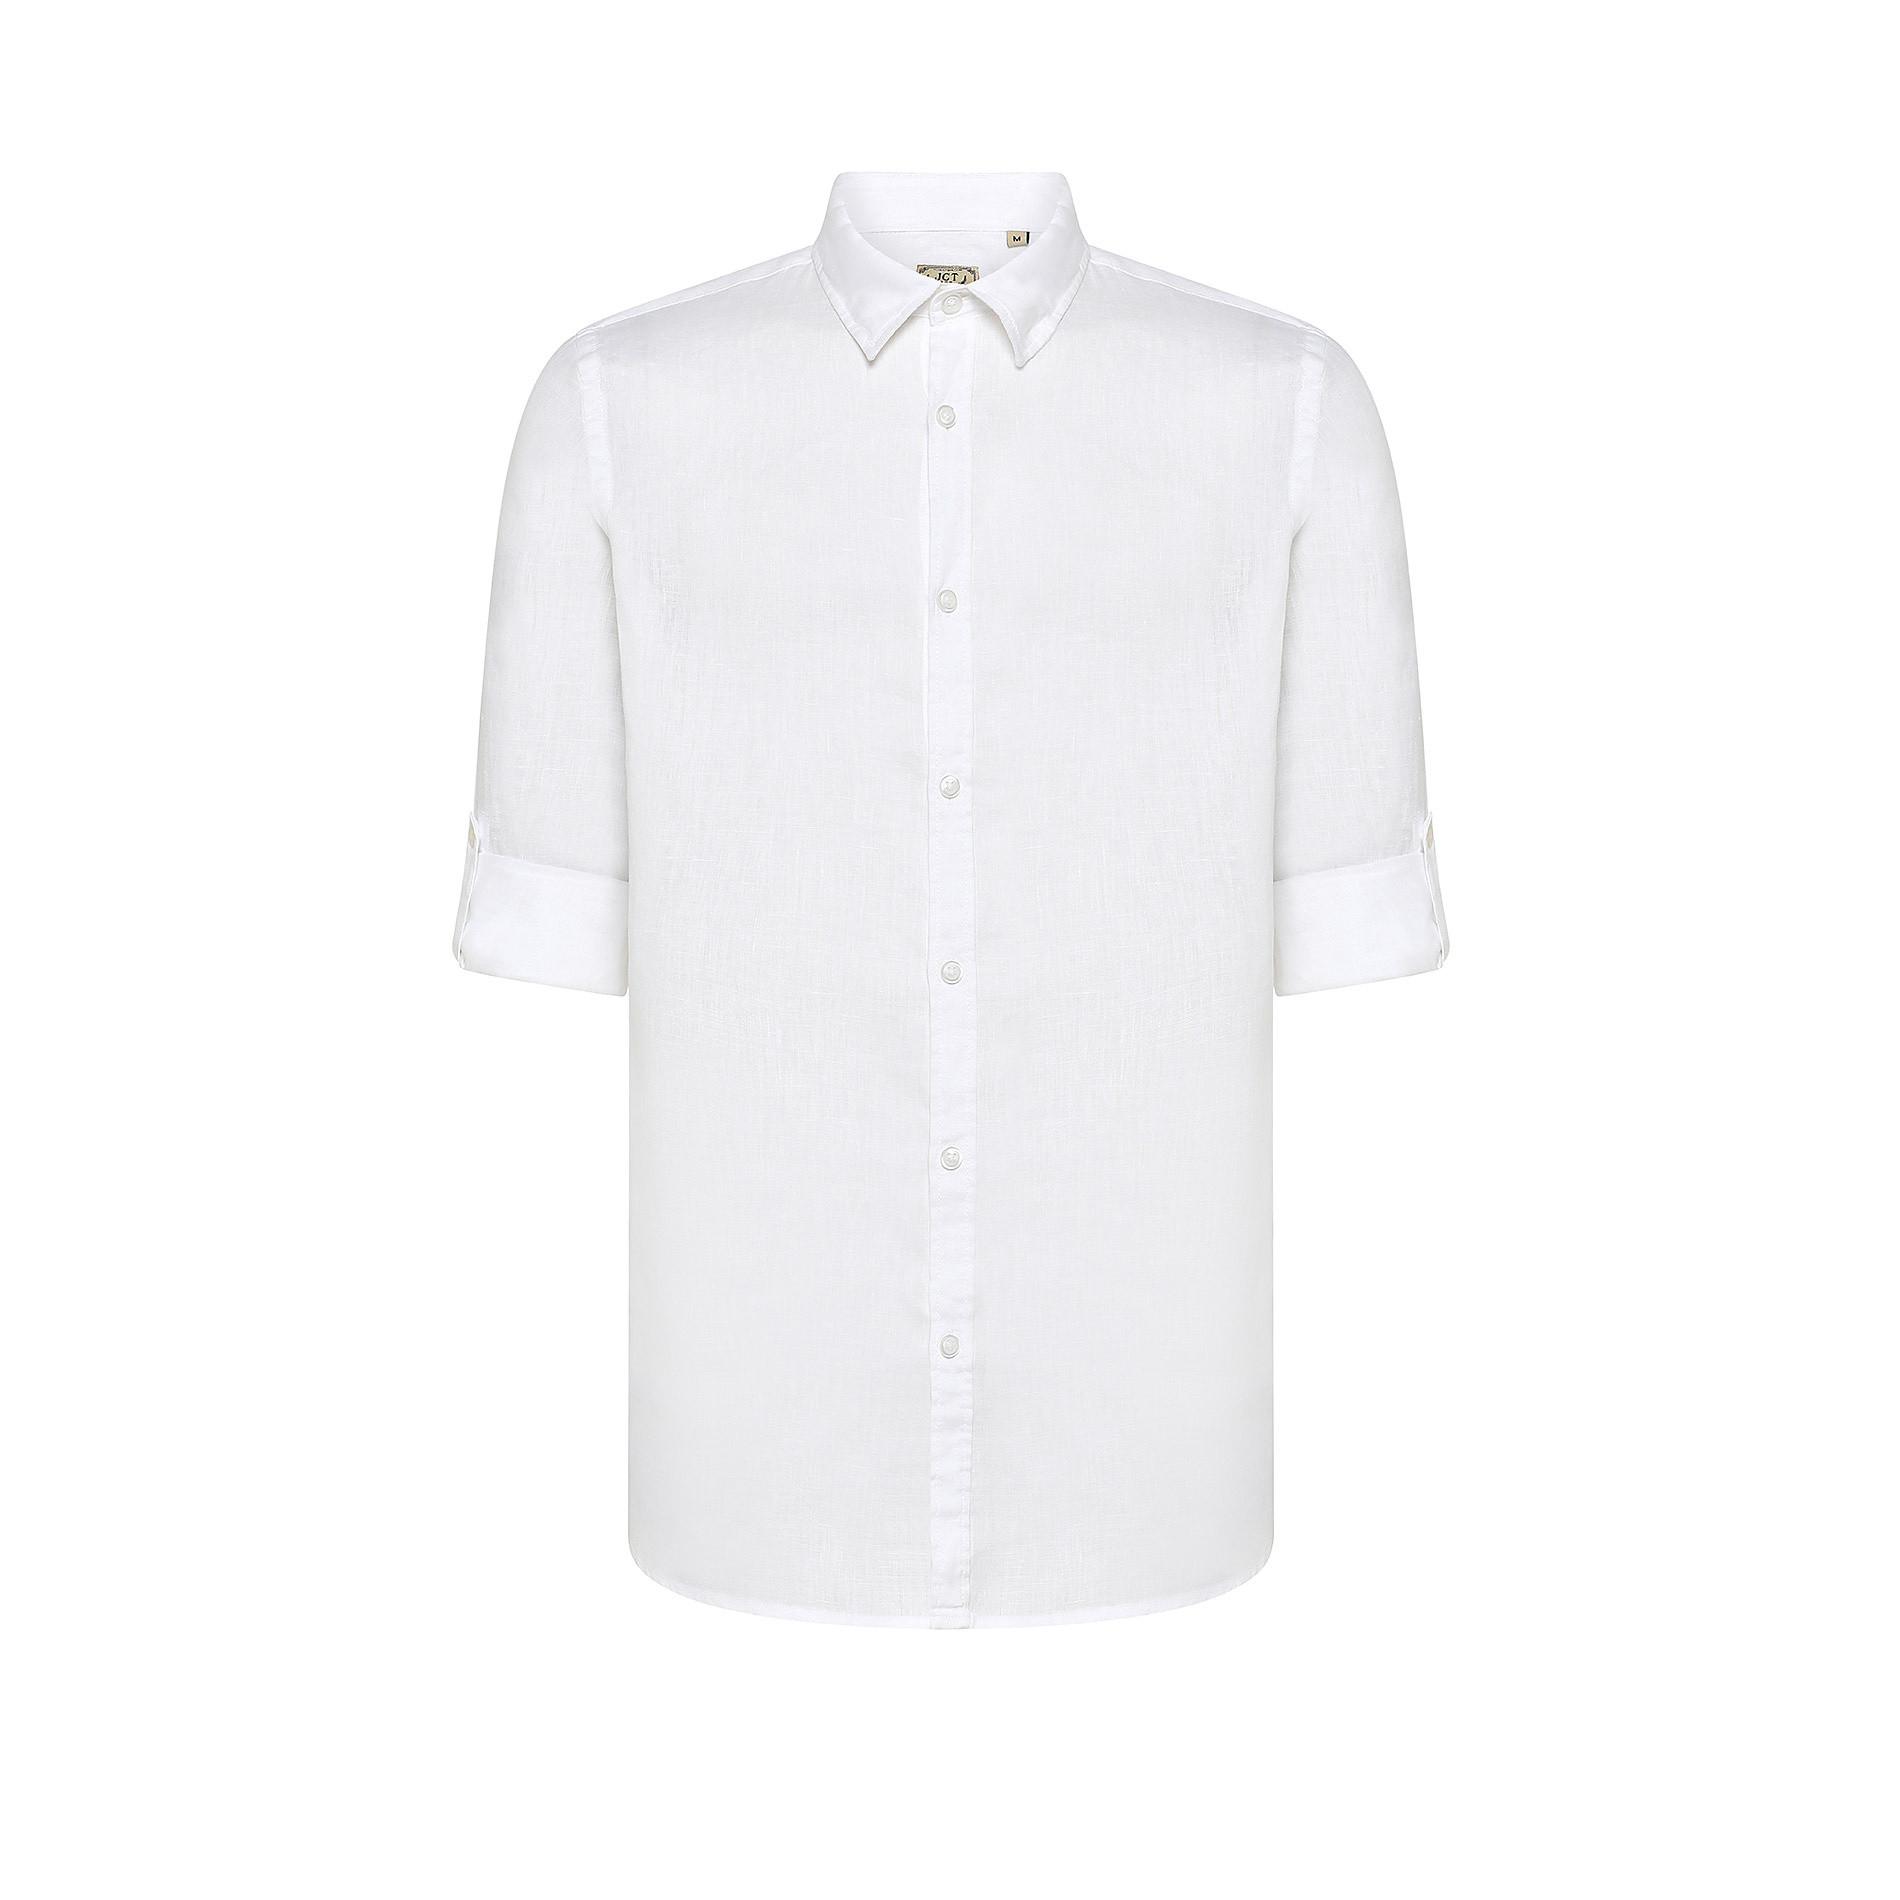 Camicia colletto classico puro lino JCT, Bianco, large image number 0